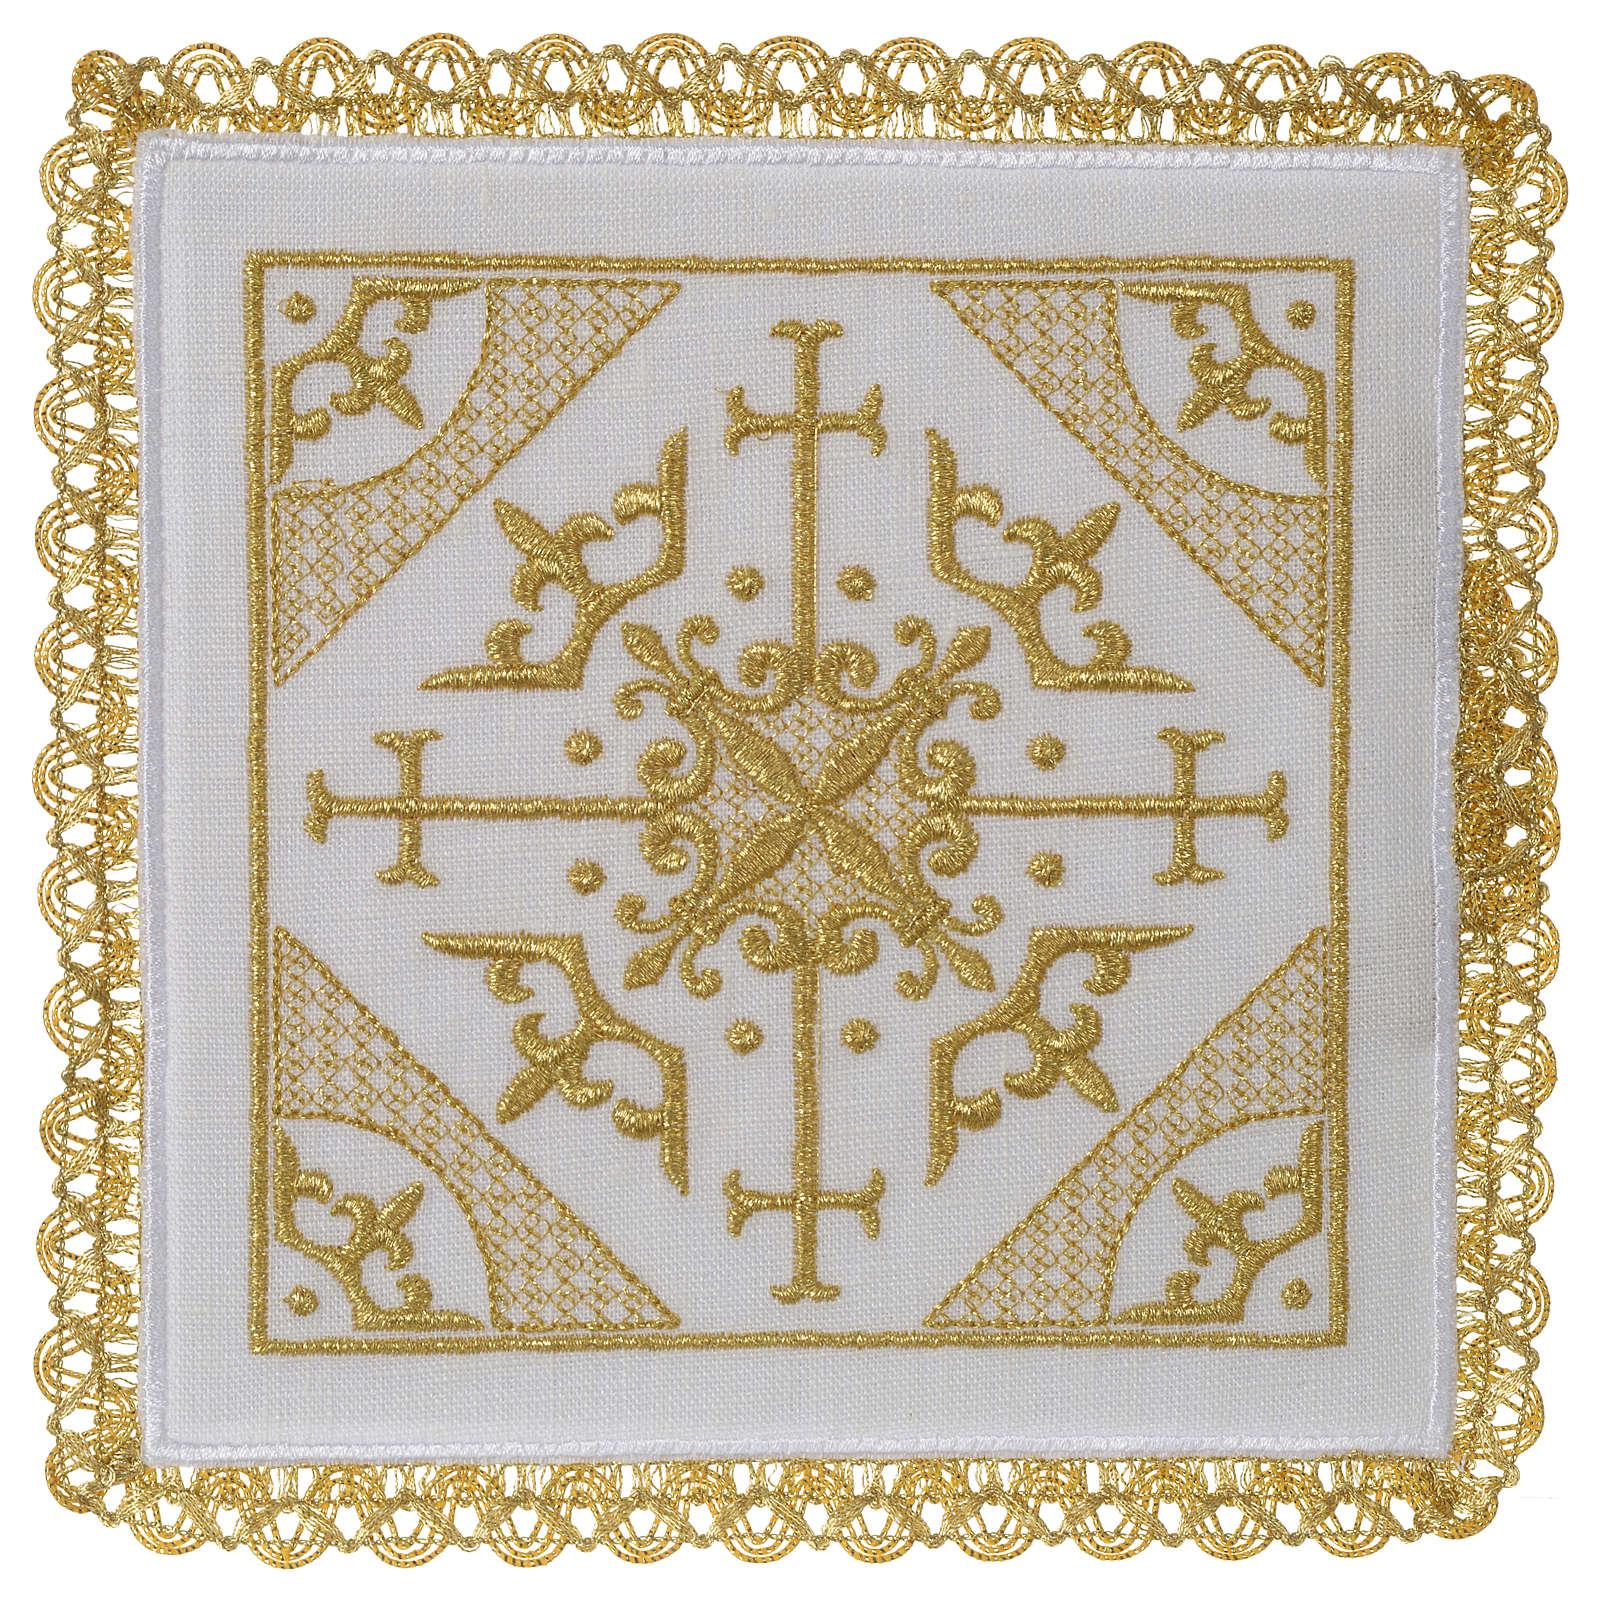 Servizio da altare 100% lino ricamo Croci 4